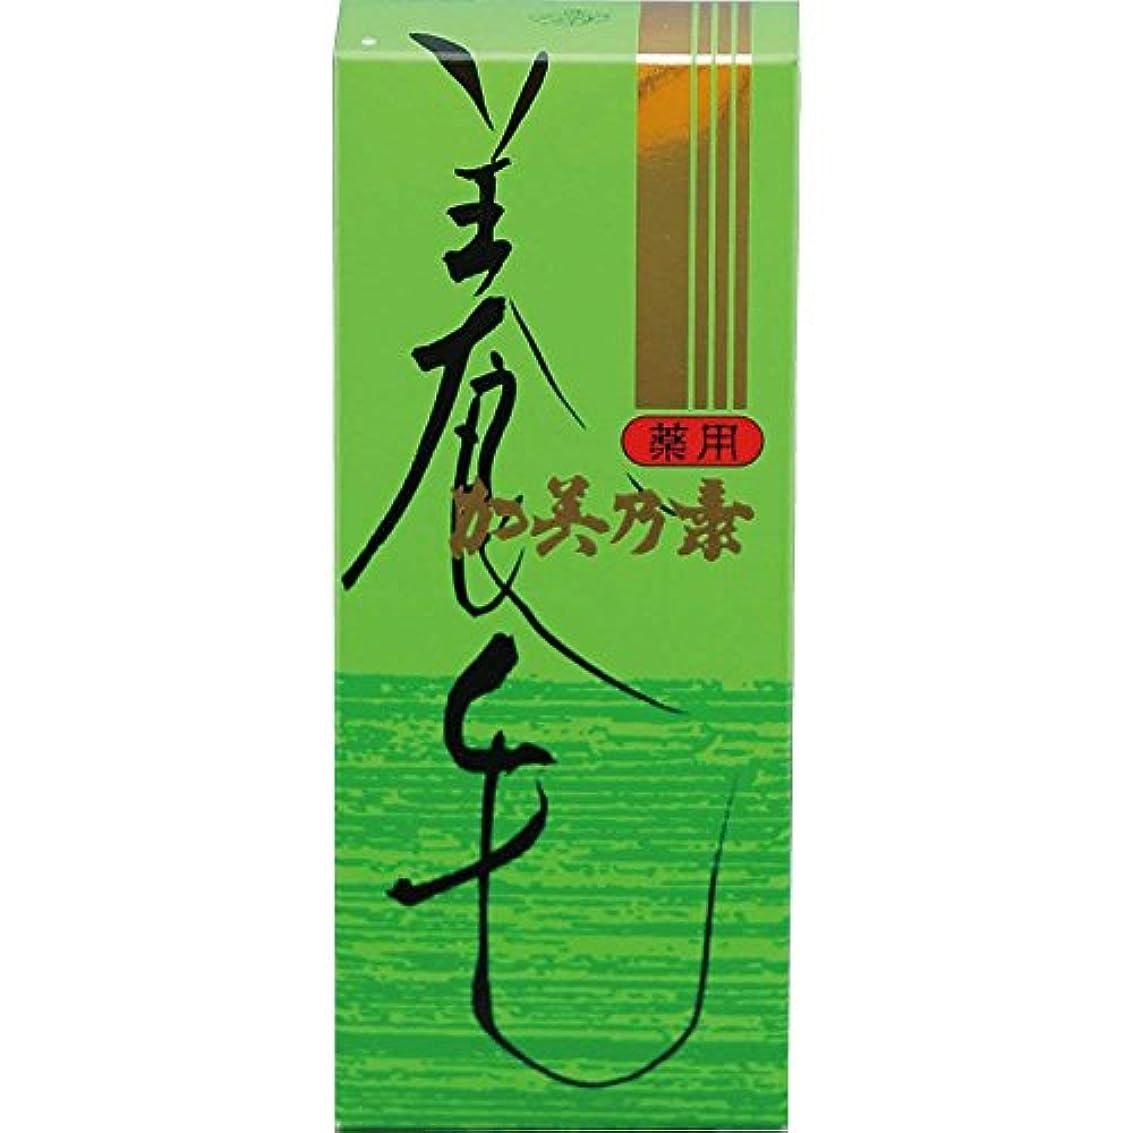 発表する貫通する被る薬用加美乃素 グリーンフローラルの香り 180mL×6個